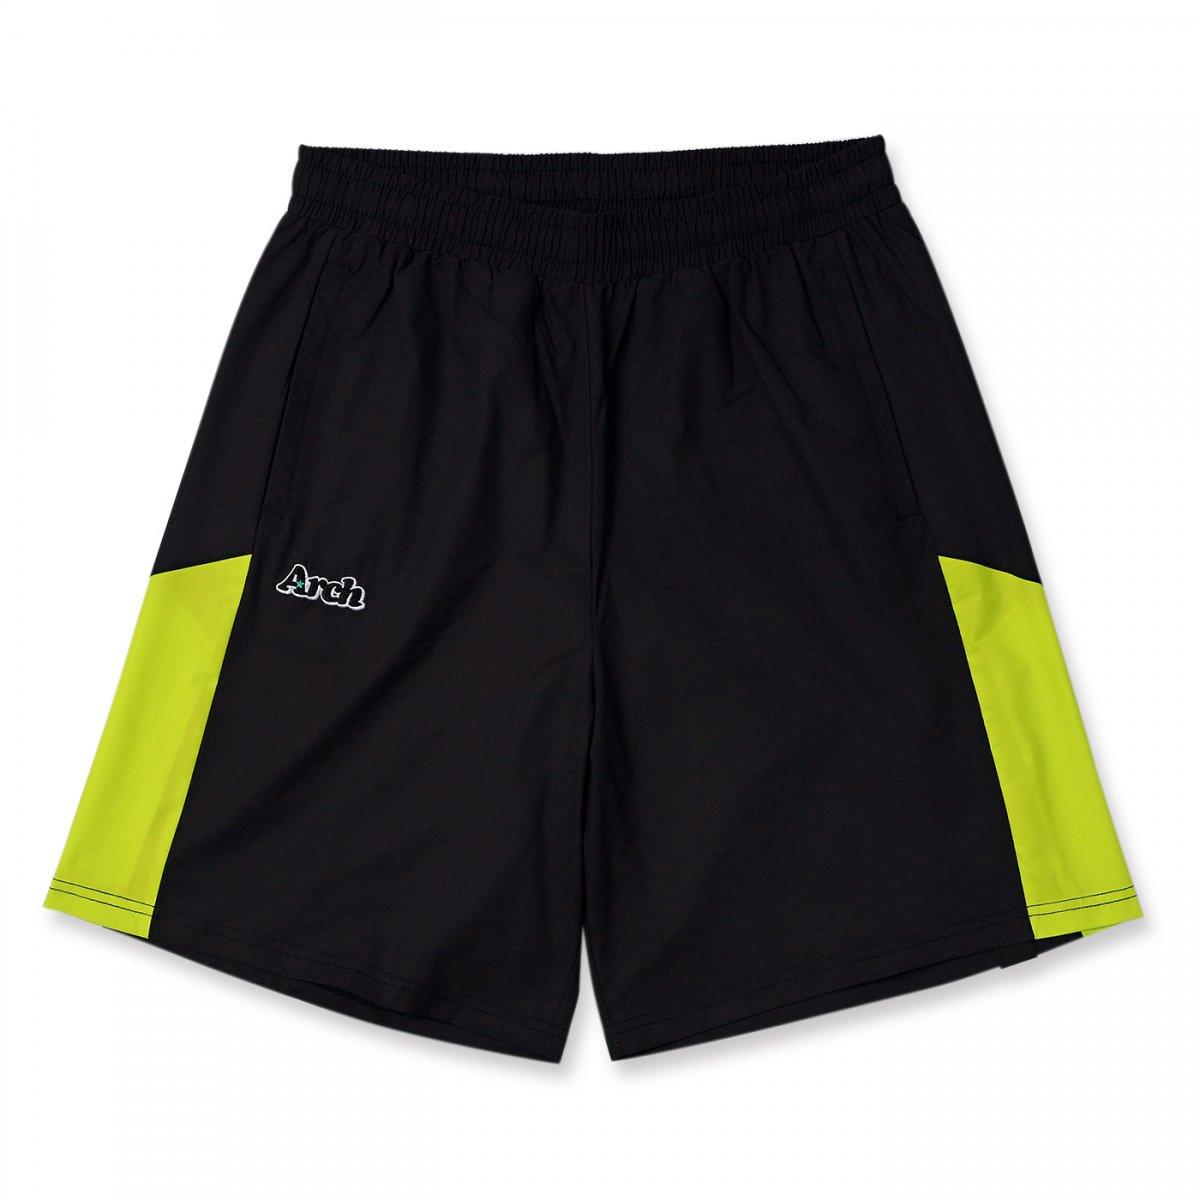 rise paneled shorts 【black】